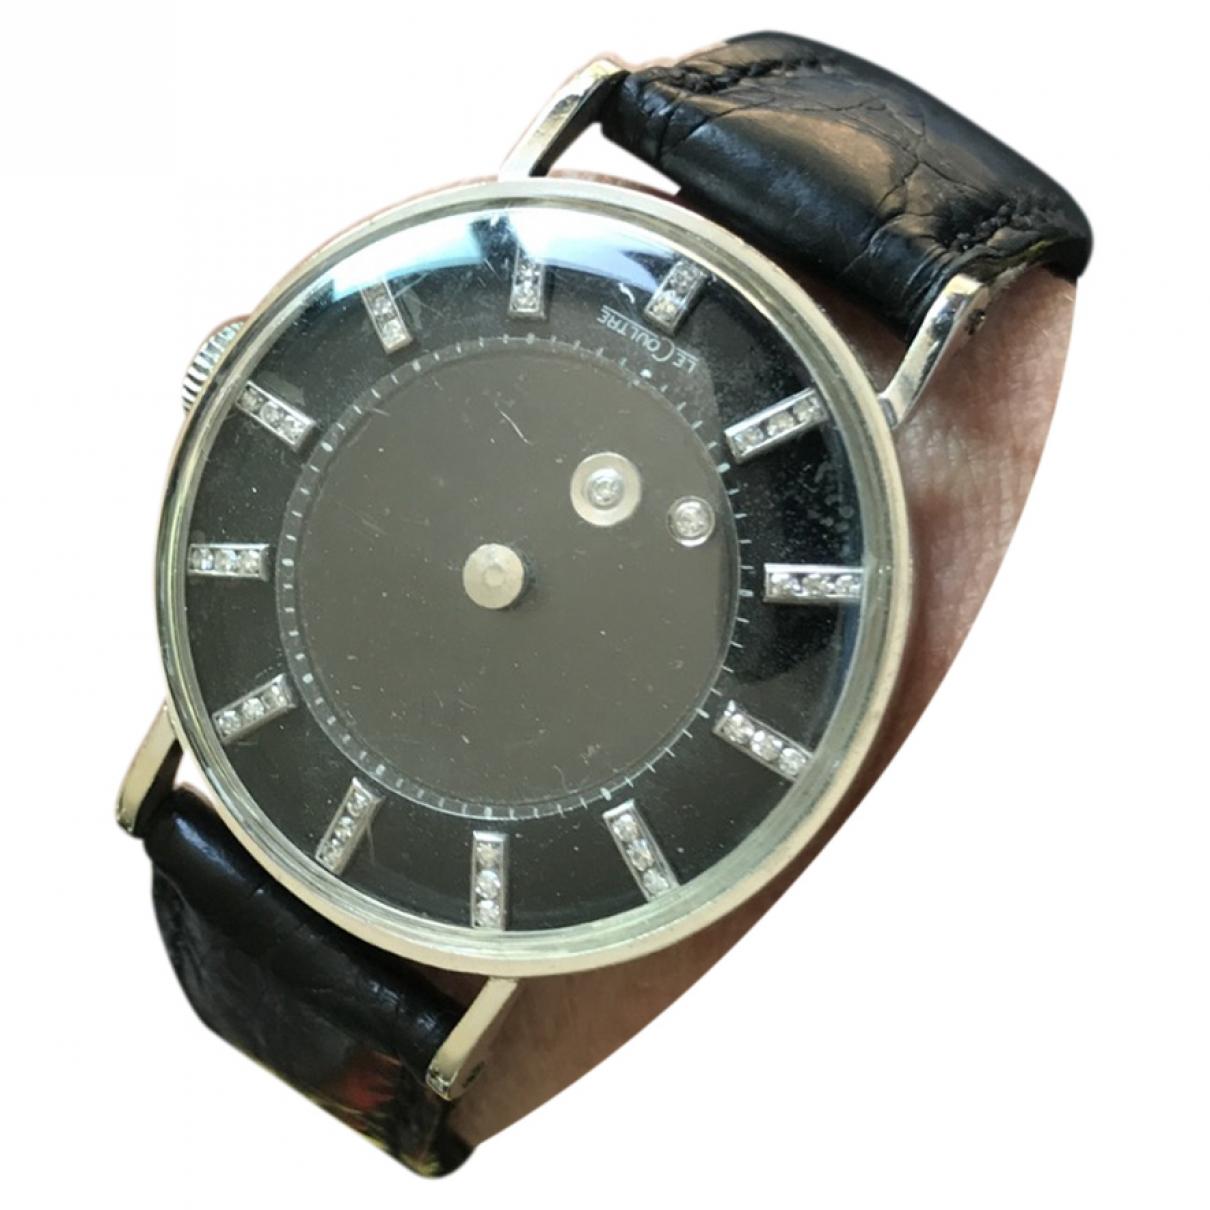 Jaeger-lecoultre Vintage Uhr in  Schwarz Weissgold